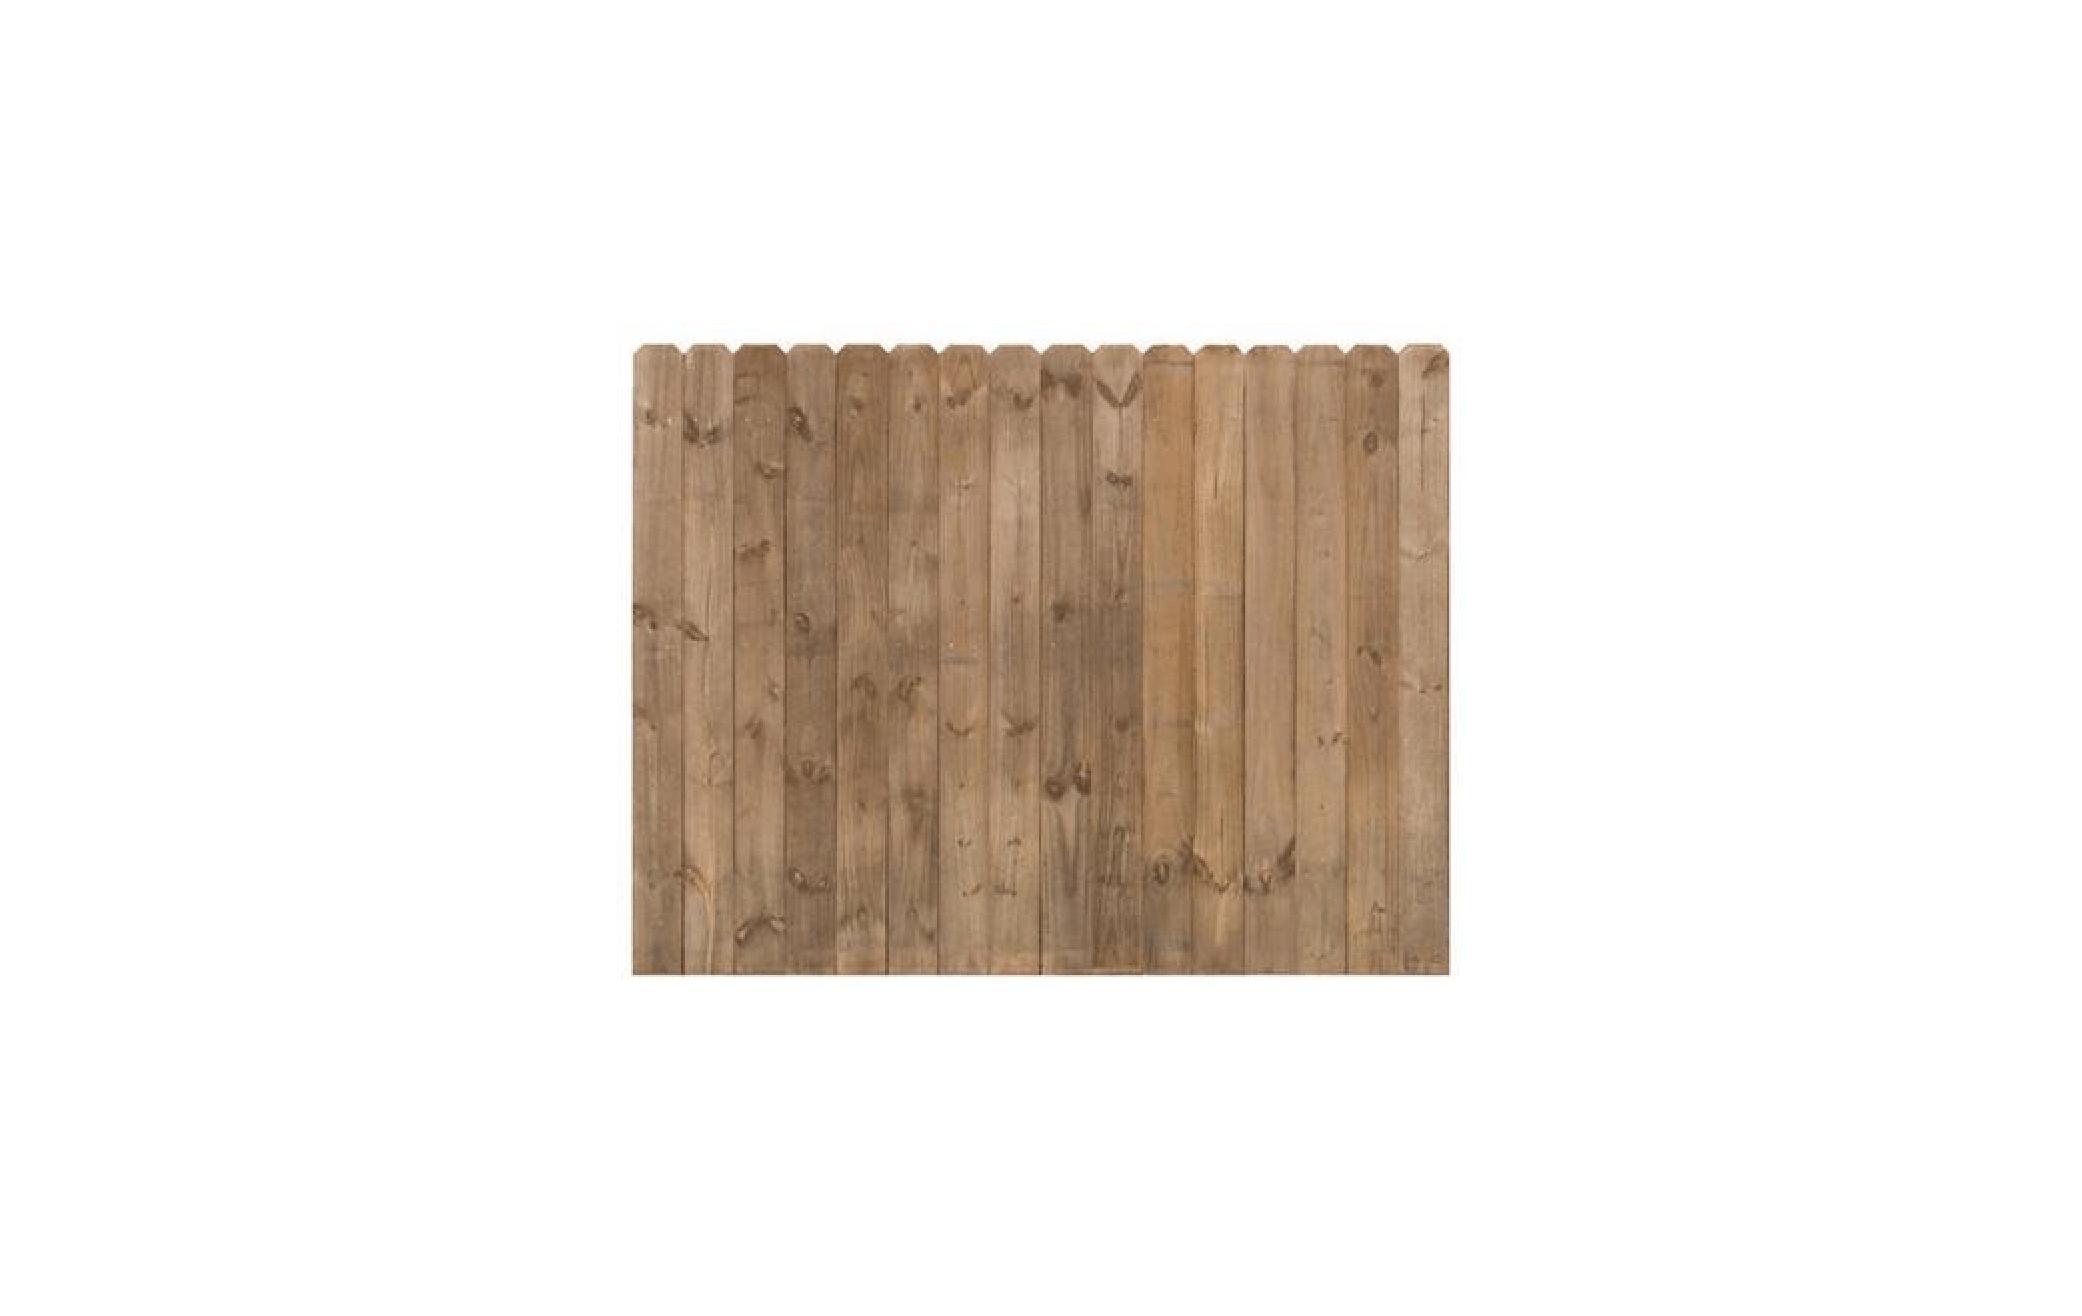 CedarTone Premium Dog-Eared Fence Panel